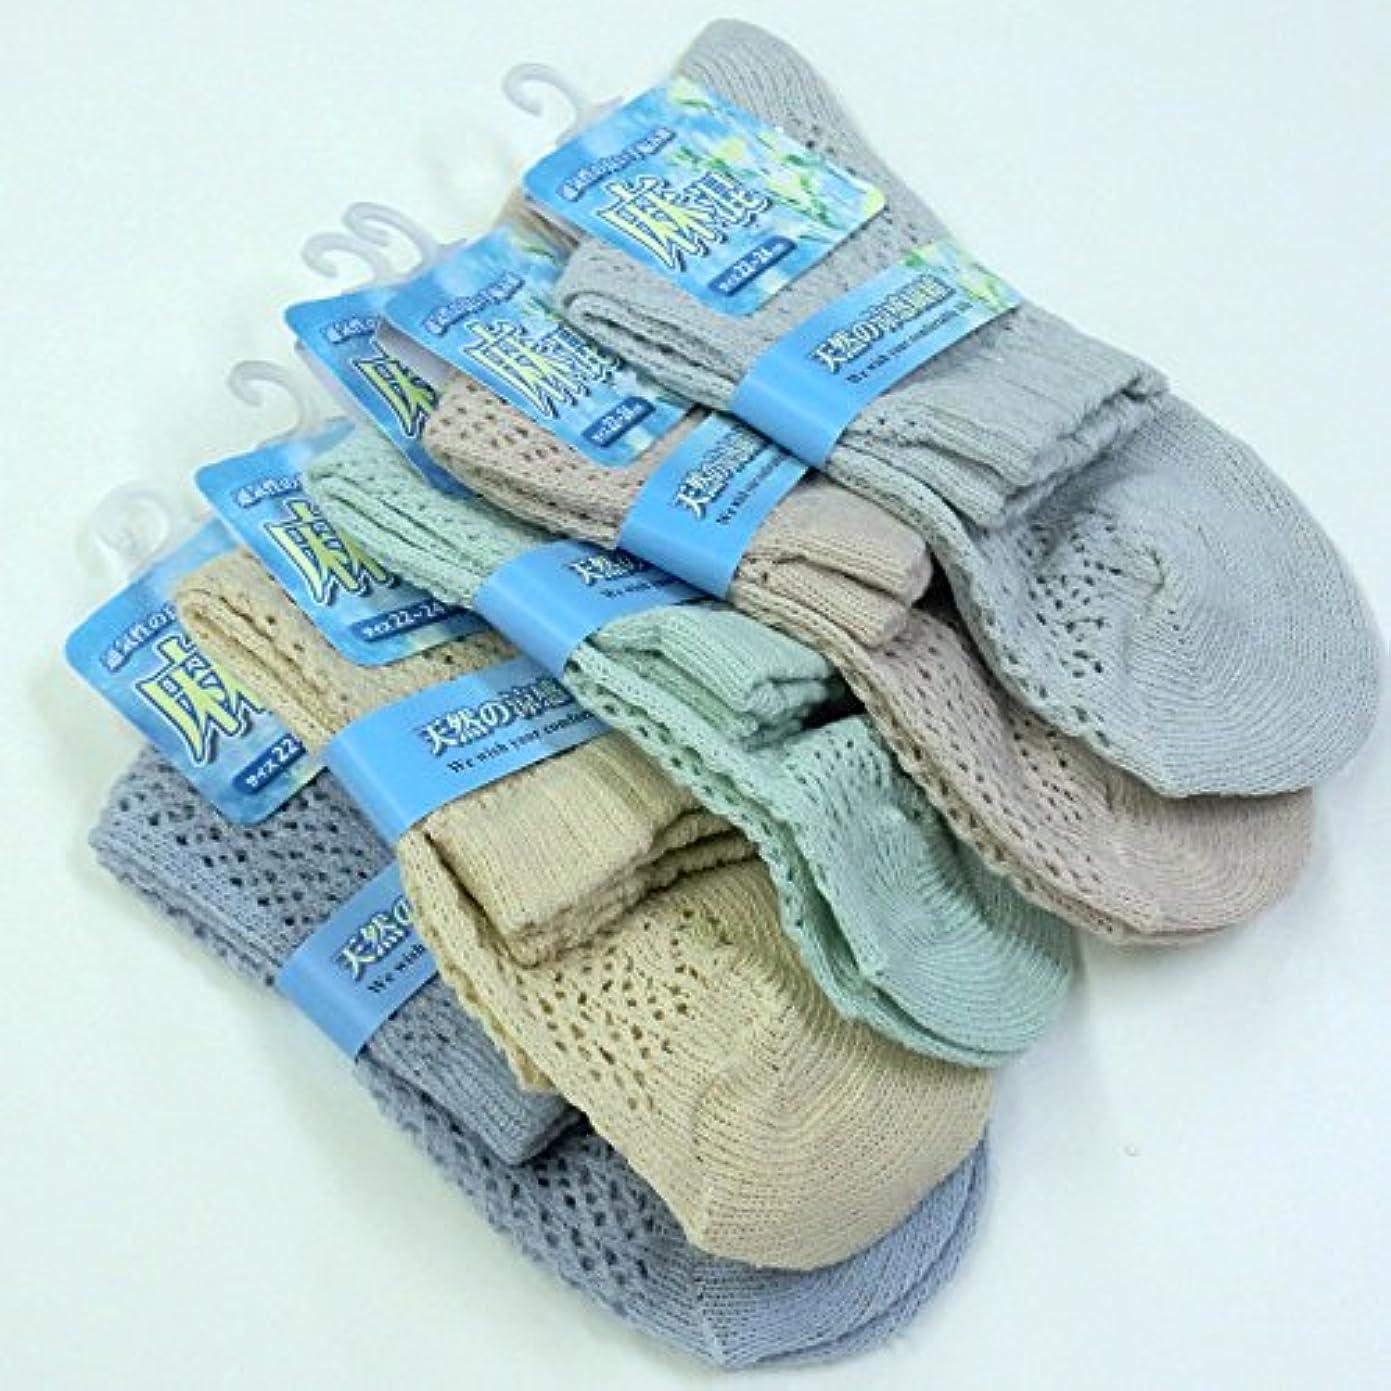 デザイナー煙オーストラリア靴下 レディース 麻混 涼しいルミーソックス おしゃれ手編み風 5色5足組